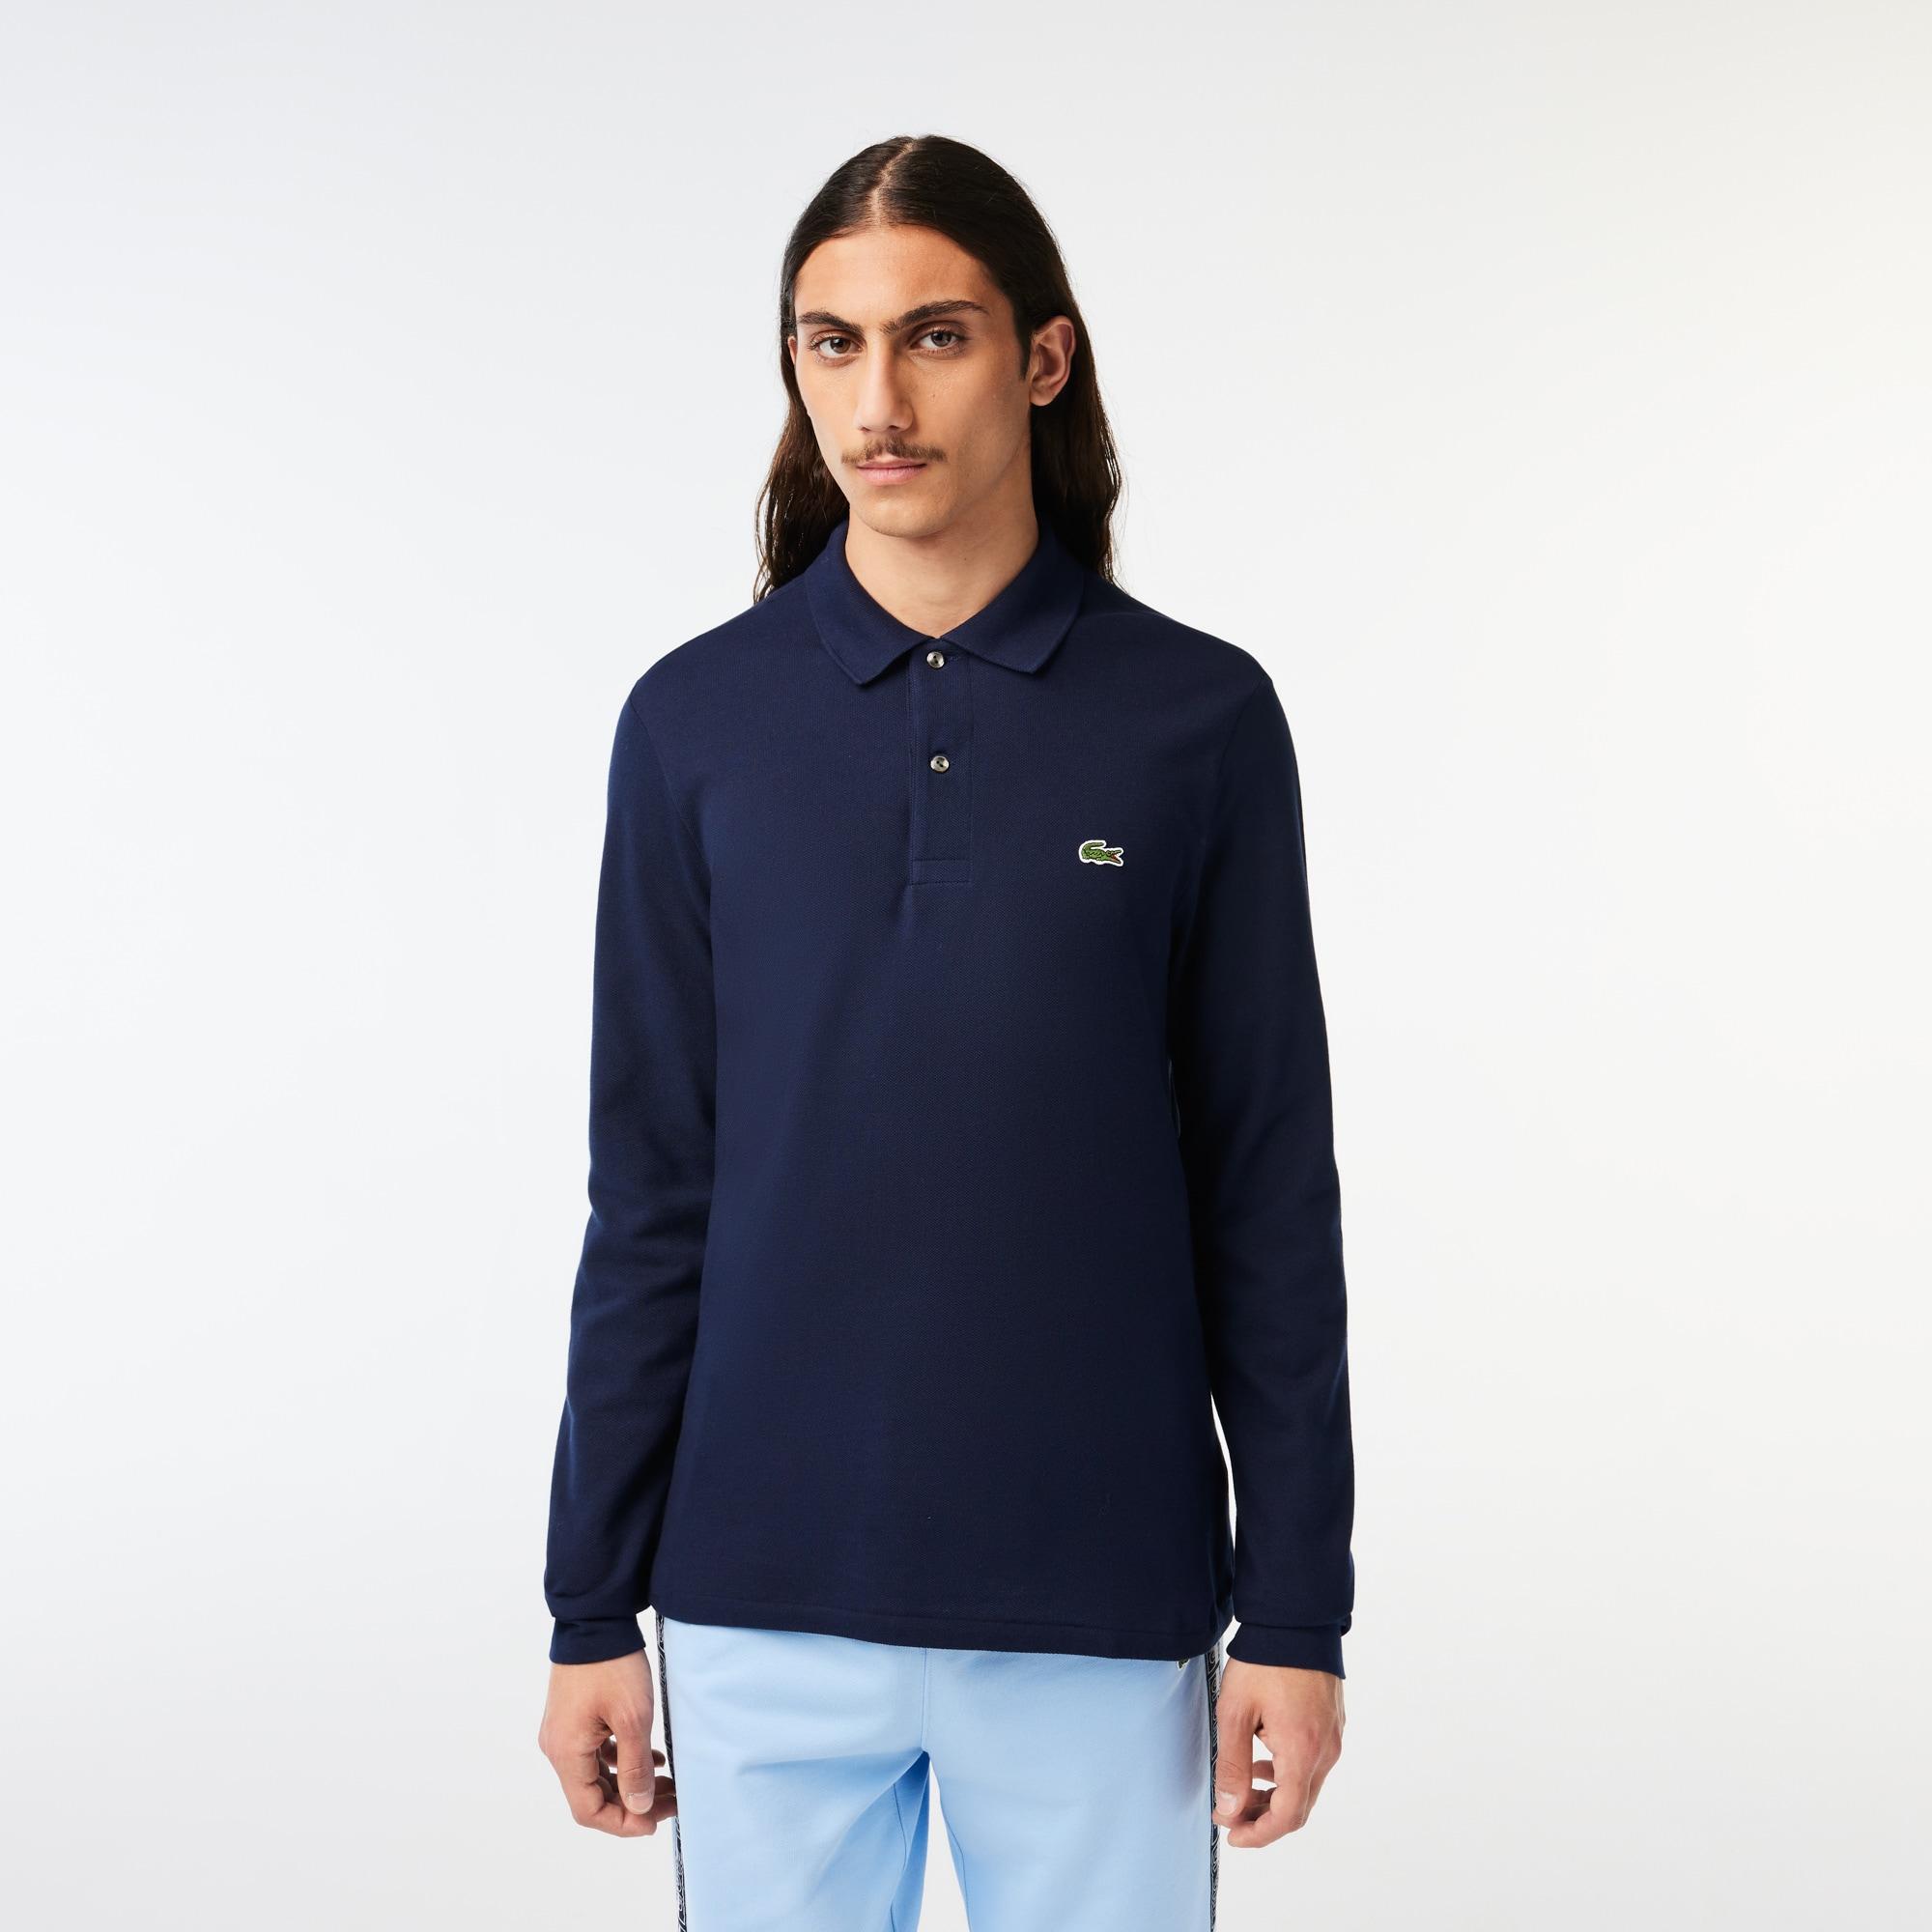 قميص بولو ذو أكمام طويلة من مجموعة Lacoste L.12.12